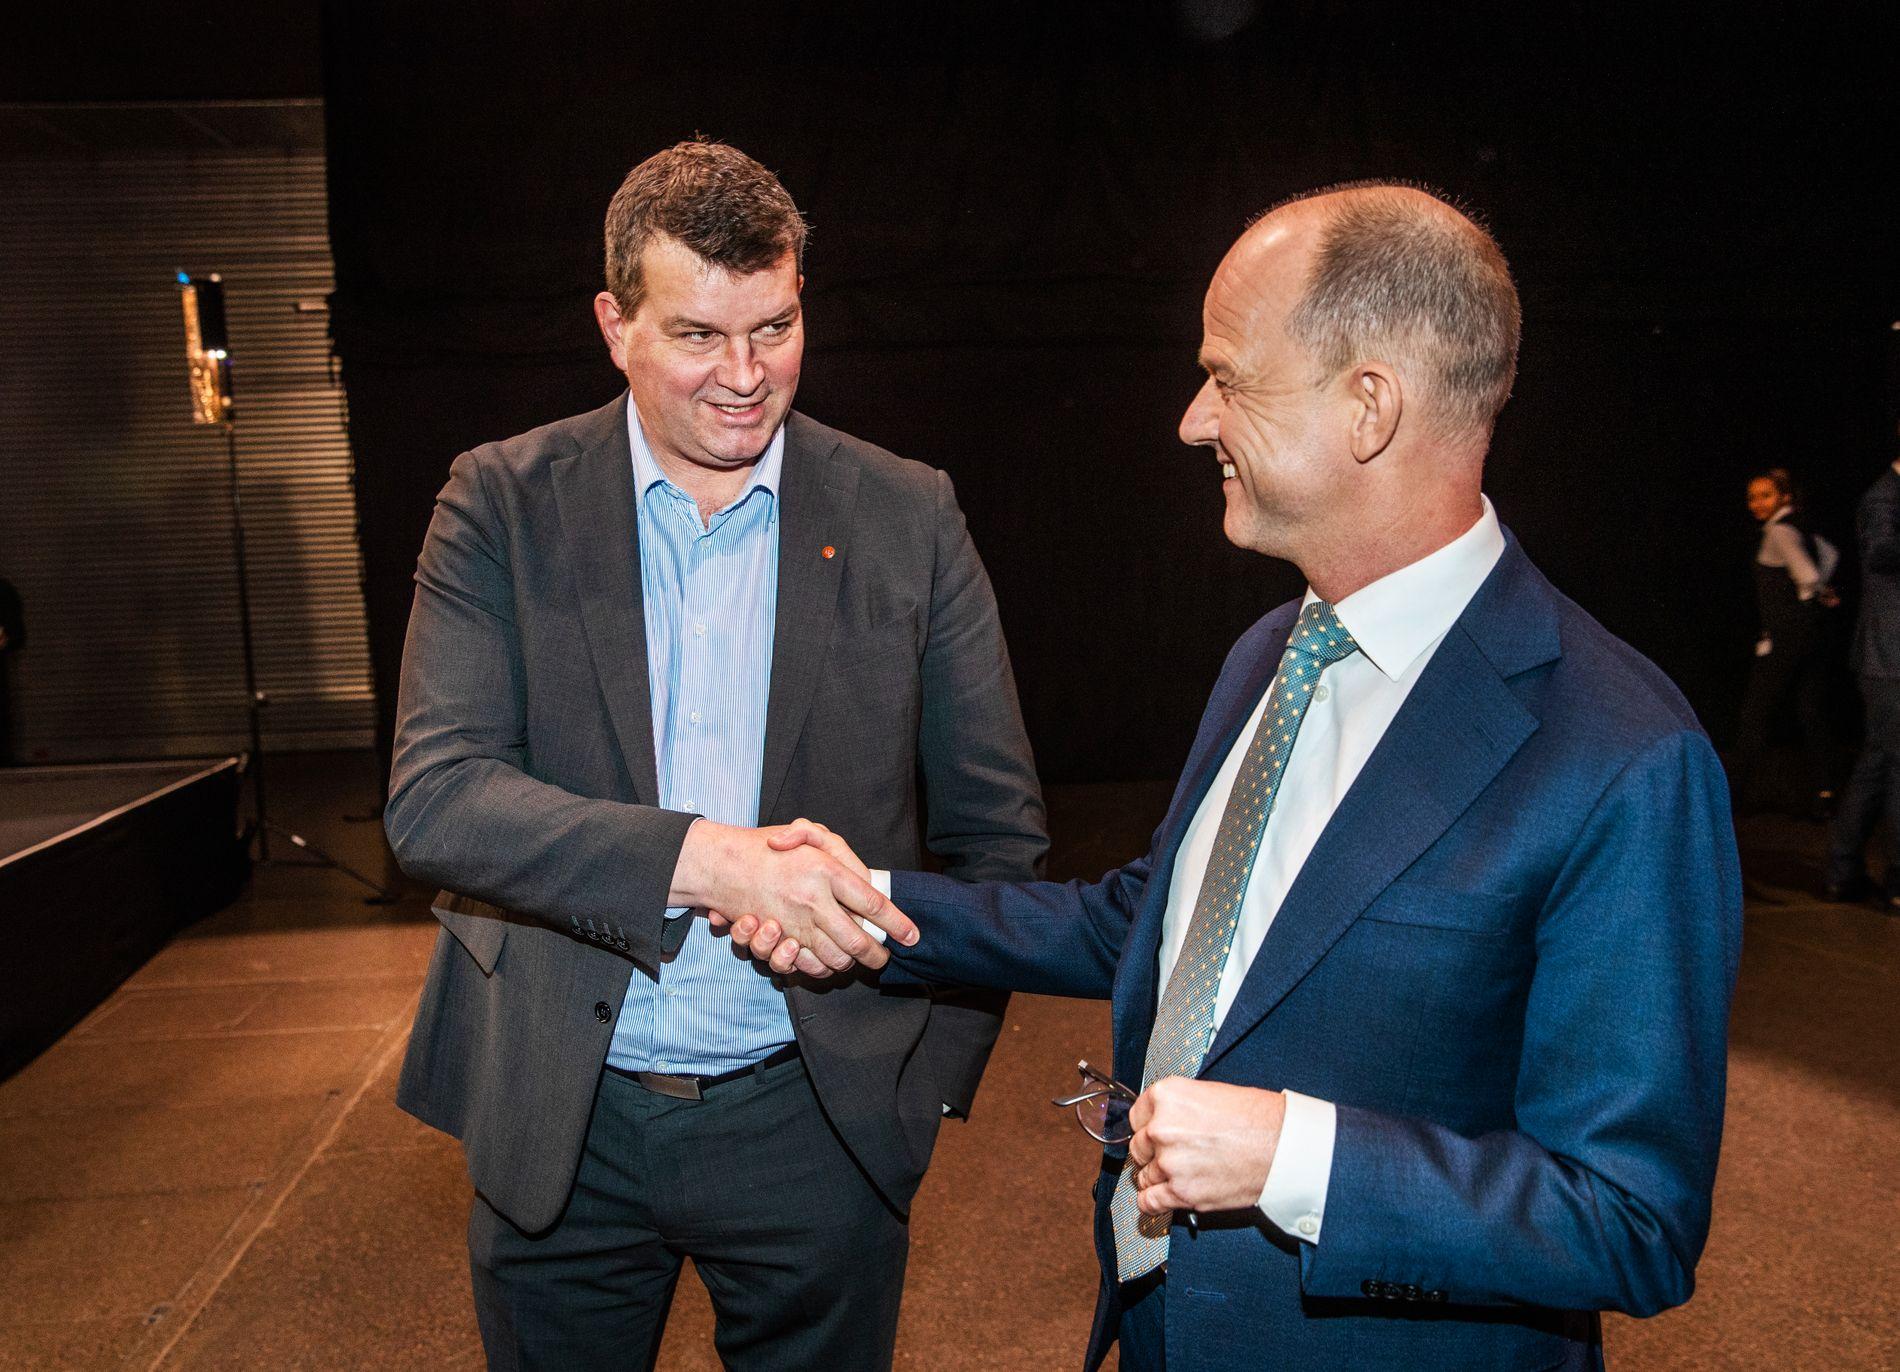 INGEN STREIK: LO-leder Hans Christian Gabrielsen og administrerende direktør i NHO, Ole Erik Almlid kan puste lettet ut etter at meklingen mellom de to partene er overstått.